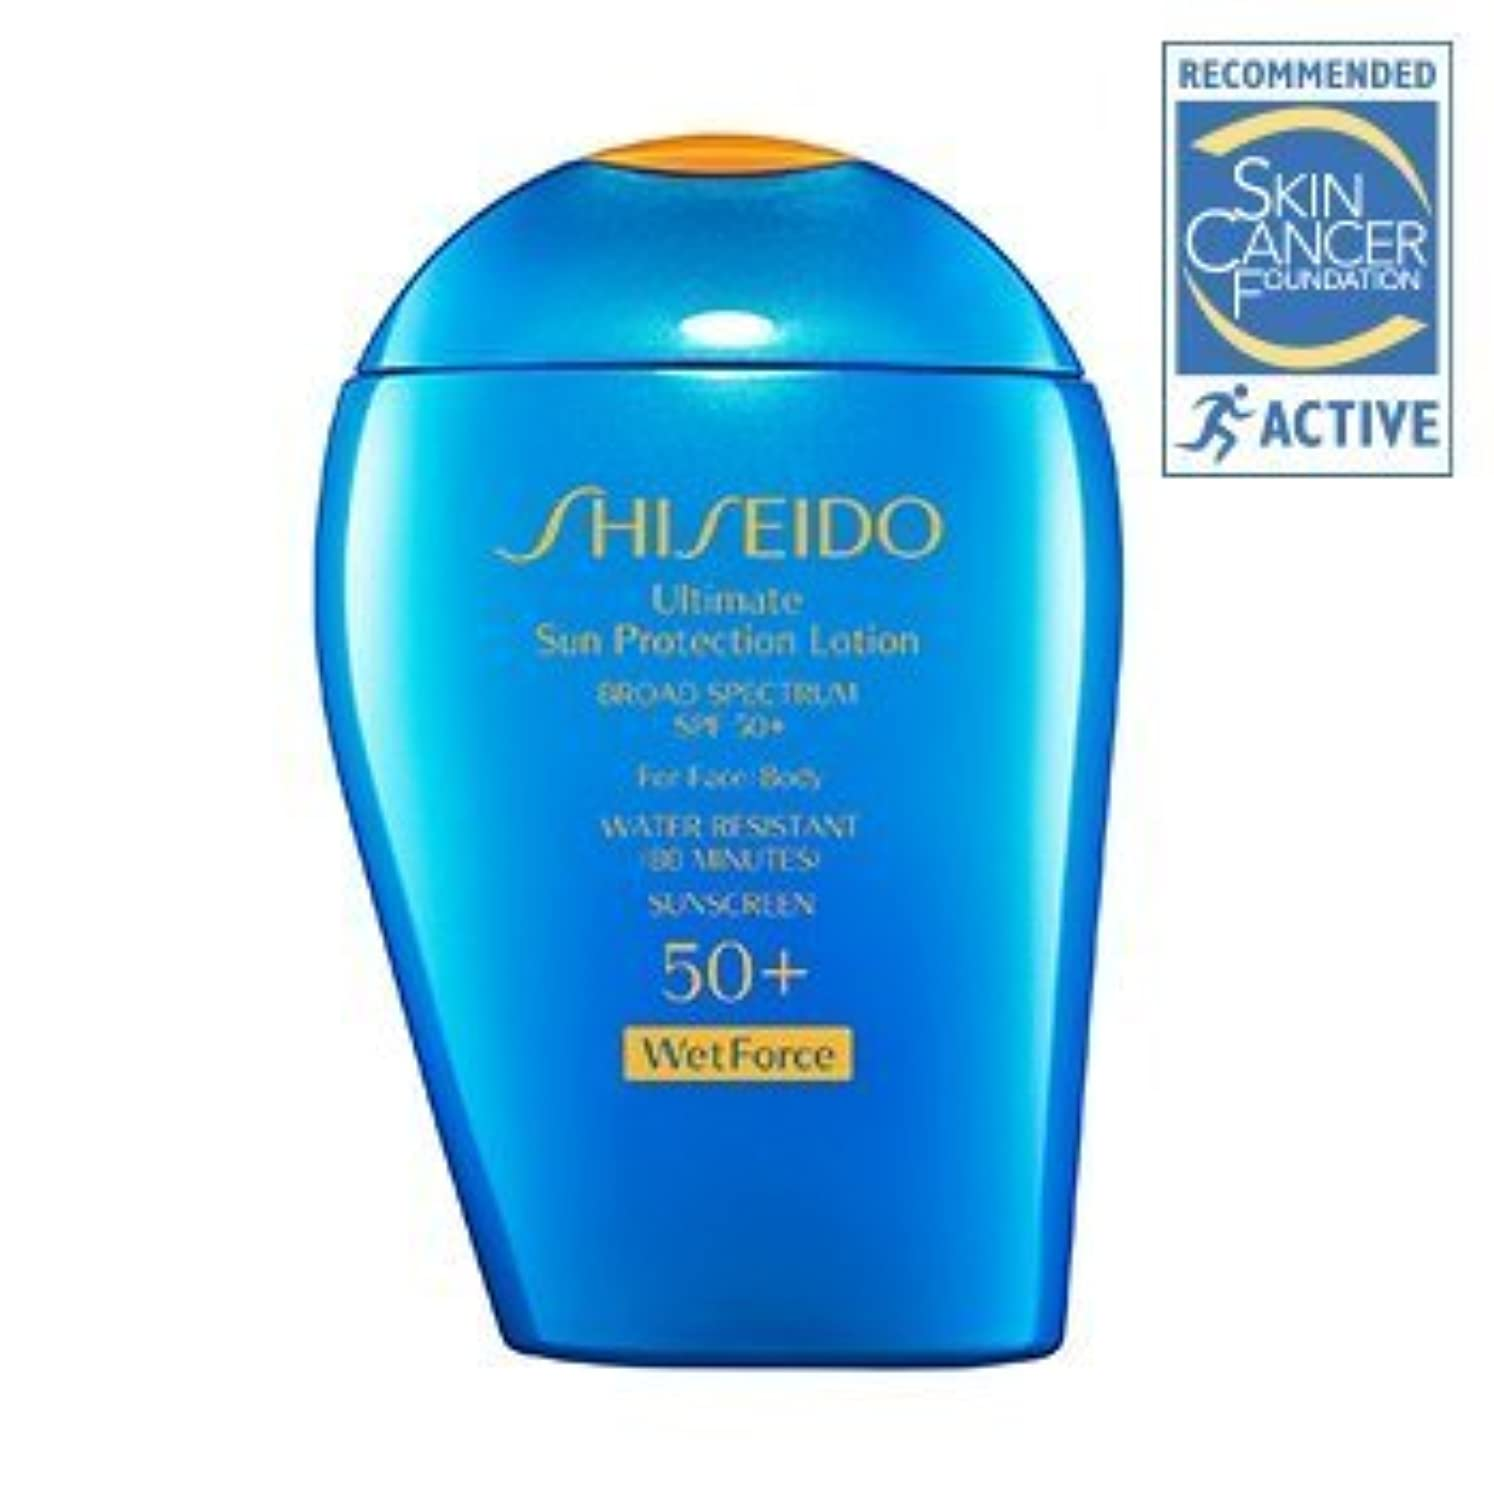 インタフェースカーテン市区町村Shiseido Ultimate Sun Protection Face & Body Lotion Spf 50 Pa+++ 100Ml/3.4Oz by Shiseido [並行輸入品]